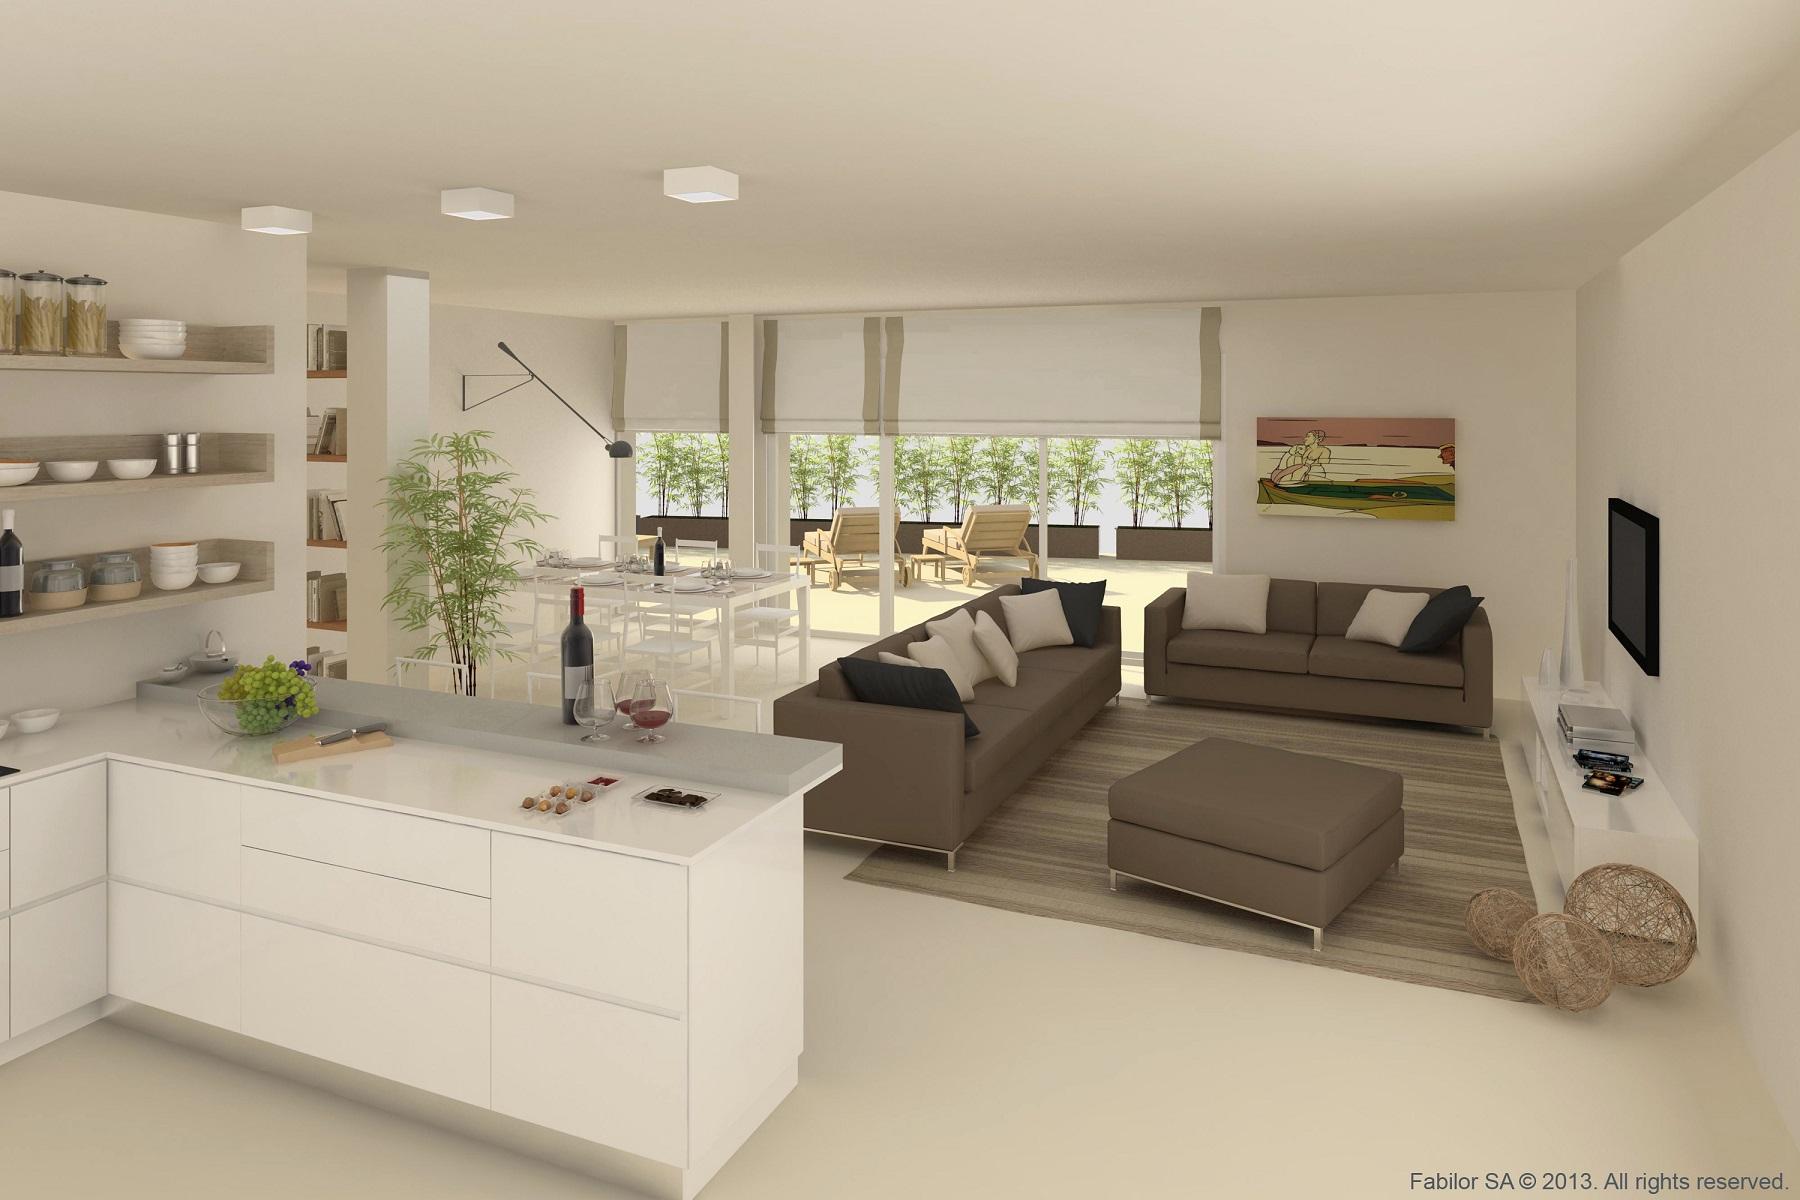 Interni terrazze e domotica degli appartamenti in vendita for Disegni di interni